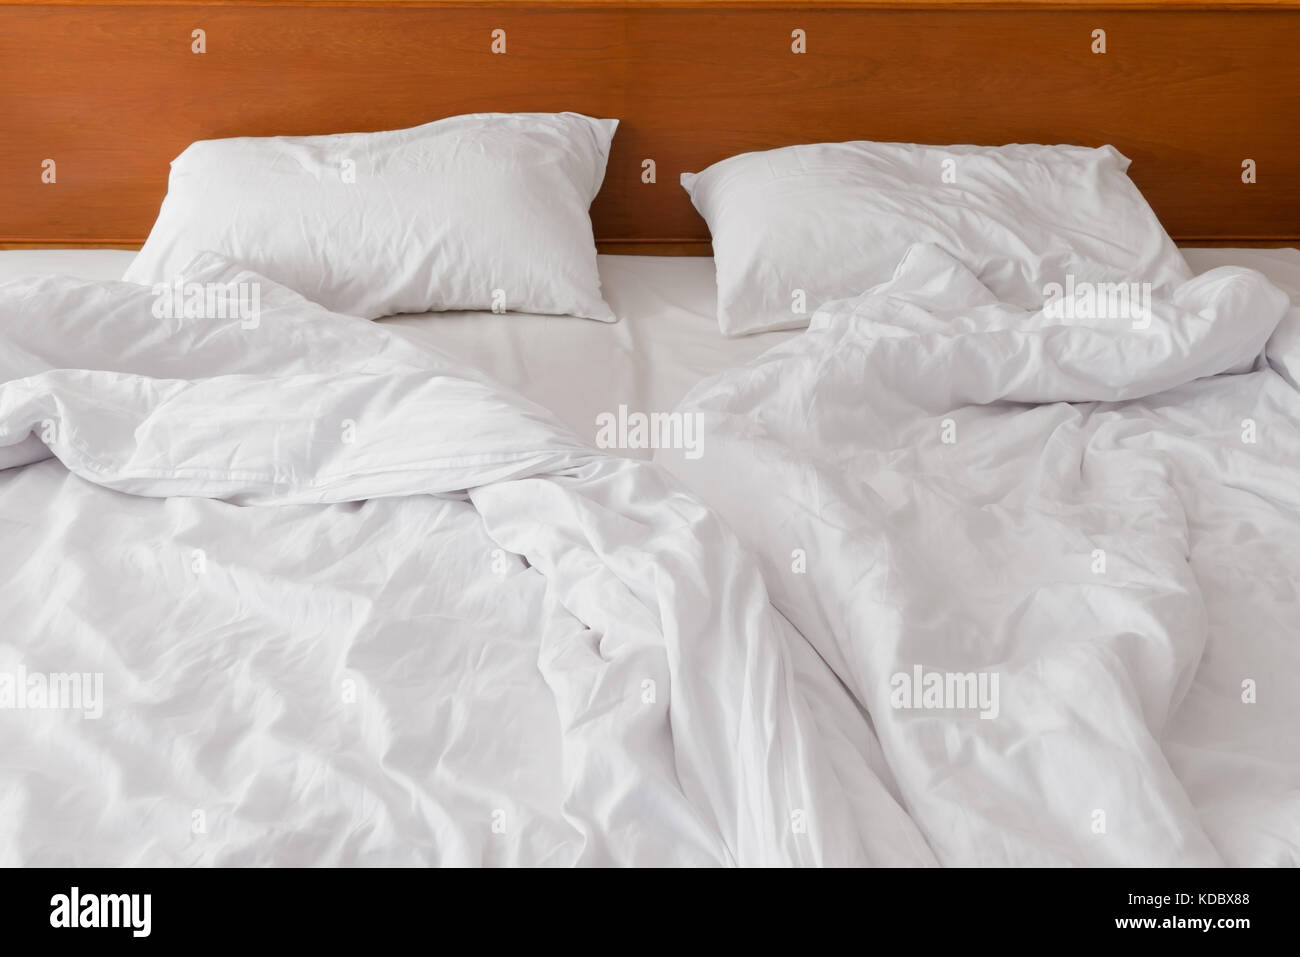 Zerknitterten Bett Weiße Bettwäsche Am Morgen Zum Hotel Nach Der